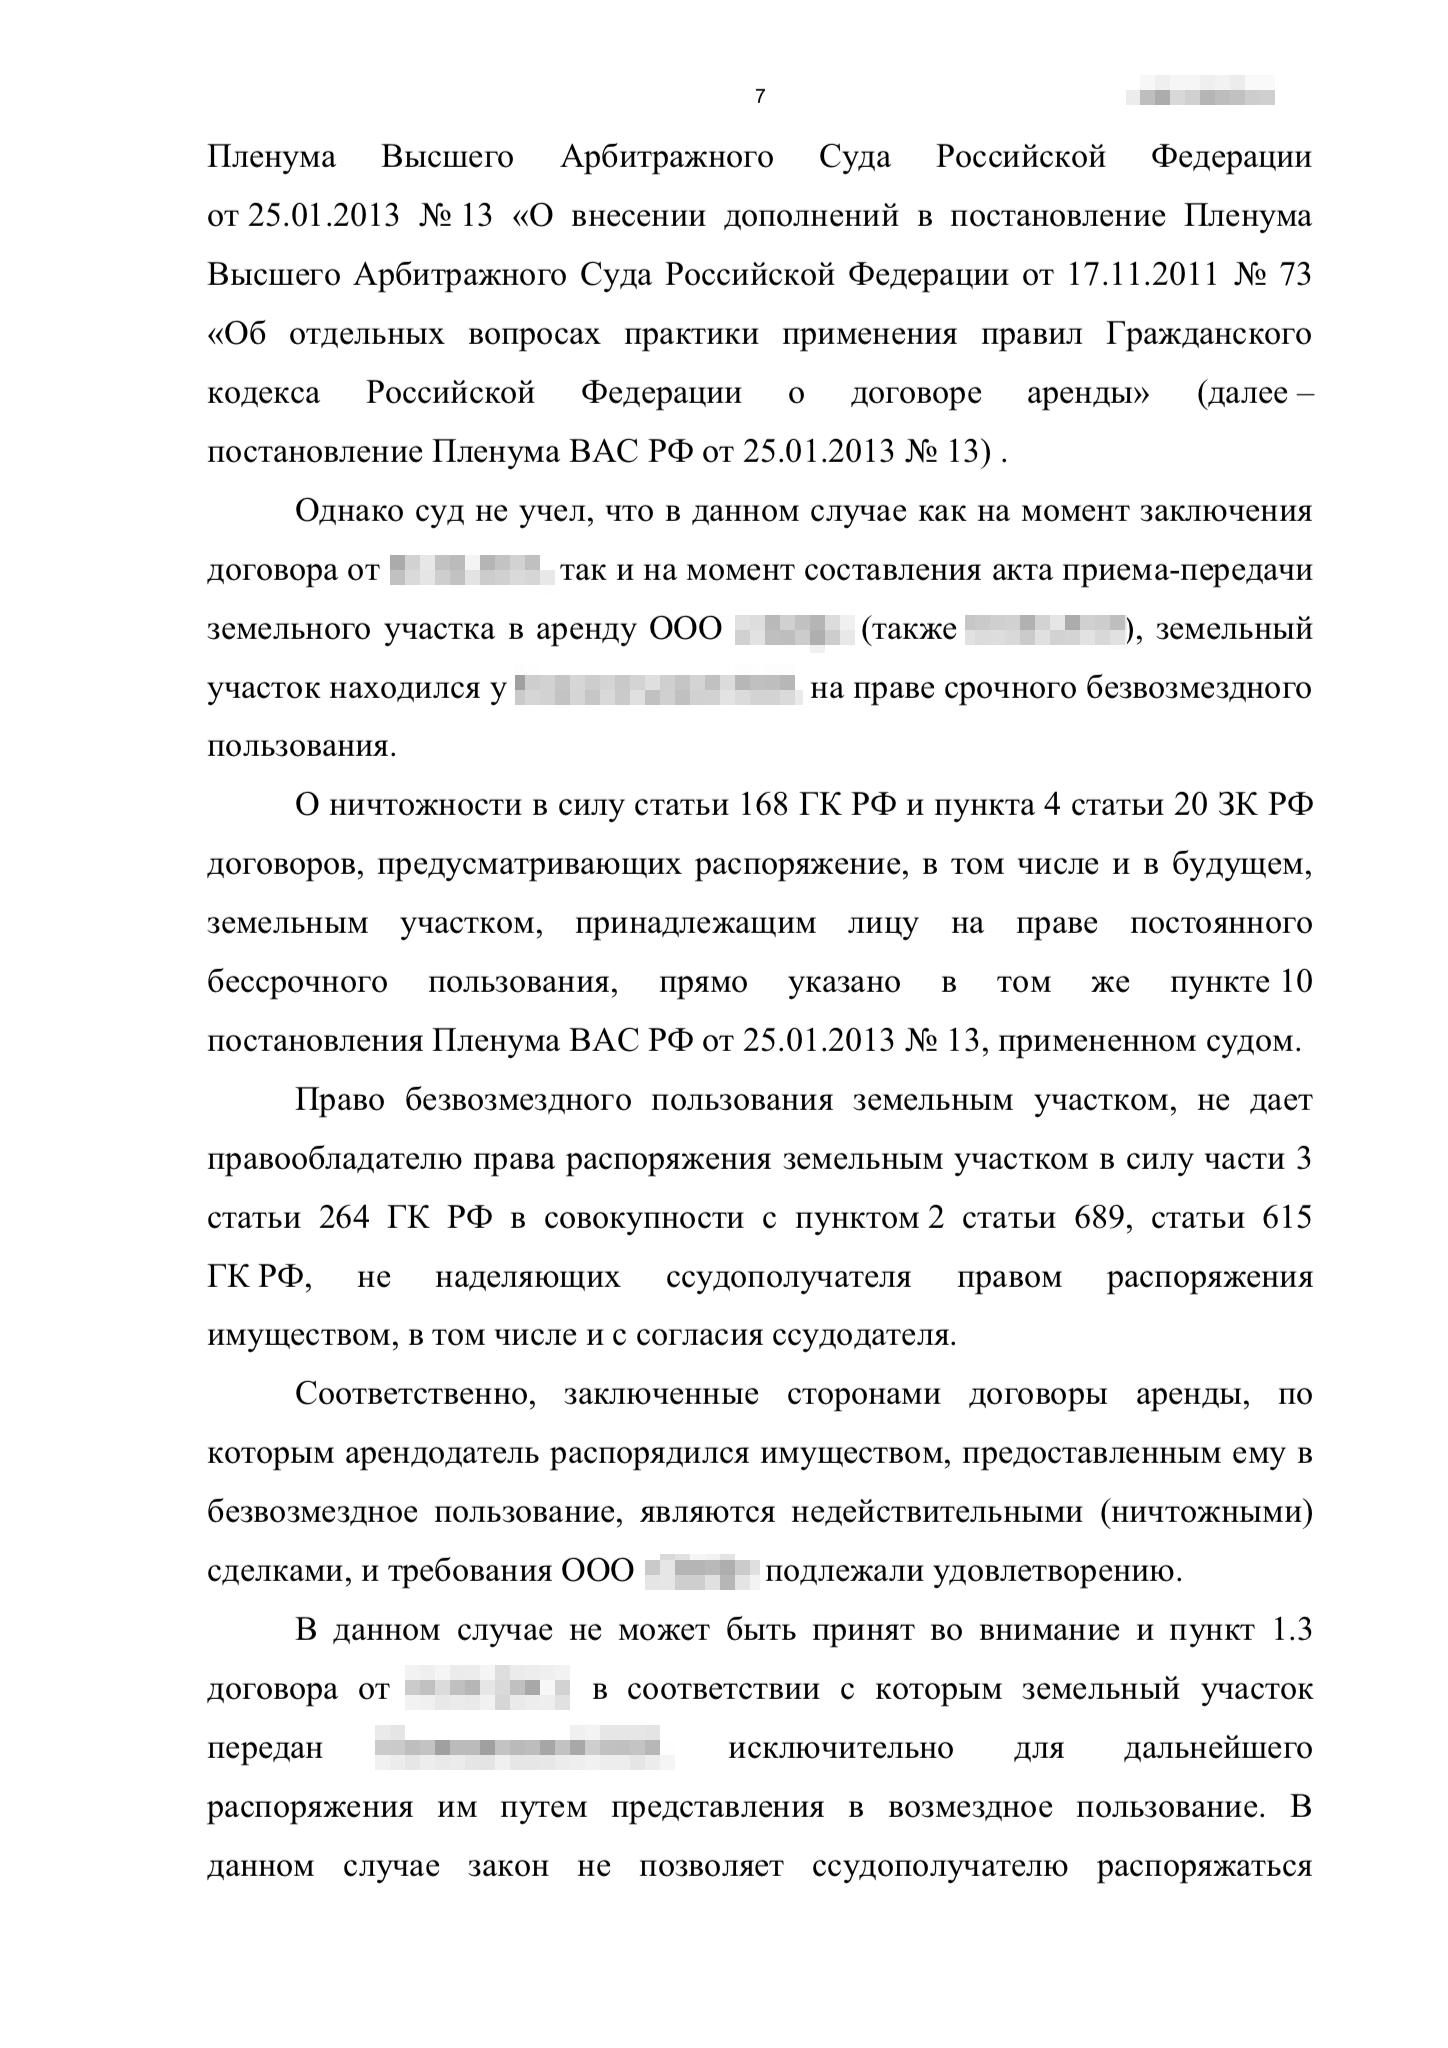 Выводы суда кассационной инстанции о признании договоров аренды земельного участка ничтожными